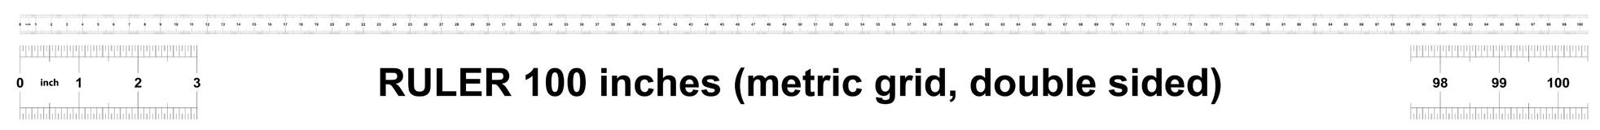 Правитель 100 дюймов метрический Цена разделения 0 05 дюймов Двойник правителя встал на сторону Точный измеряя инструмент Решетка иллюстрация штока